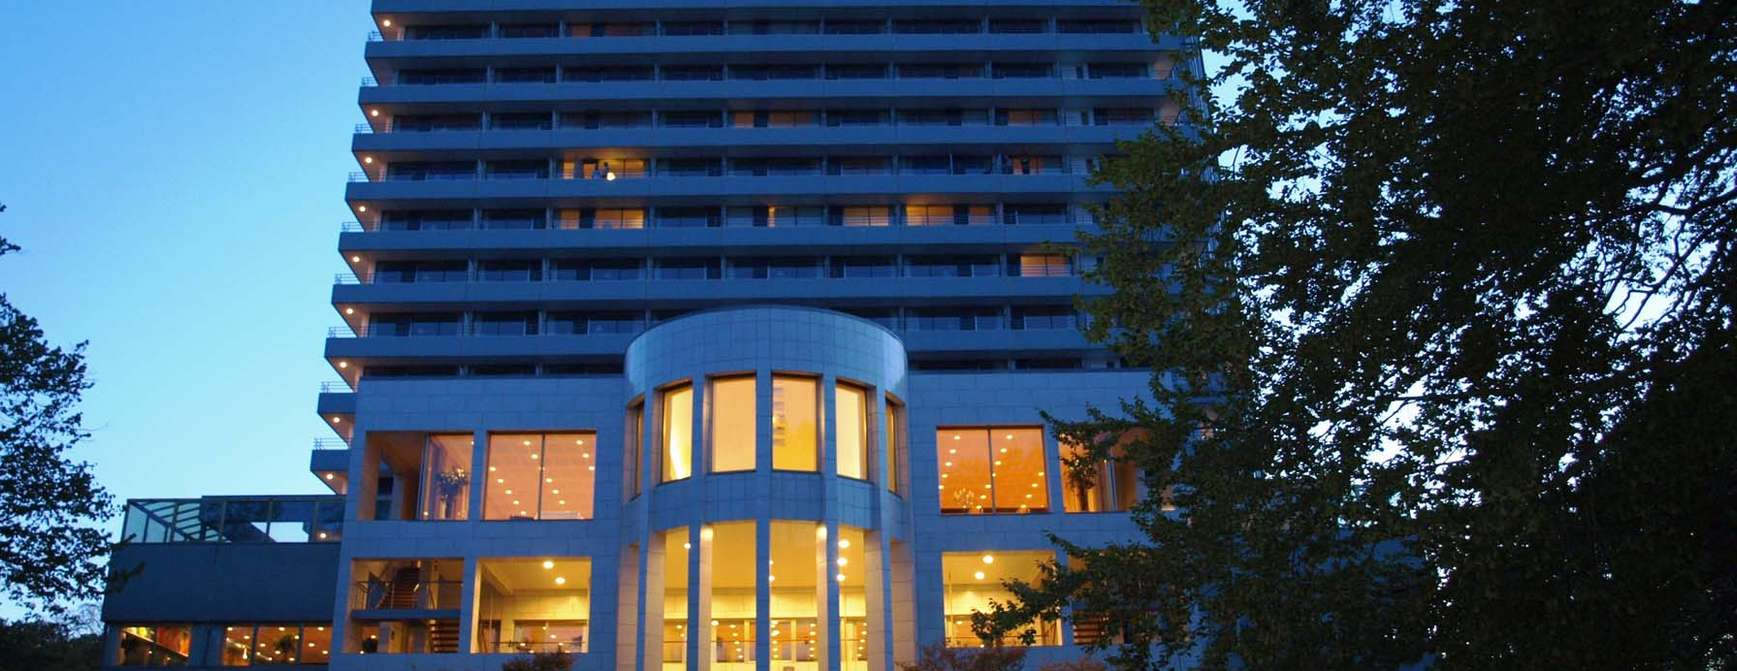 Fasadebilde av hotellet i skumring